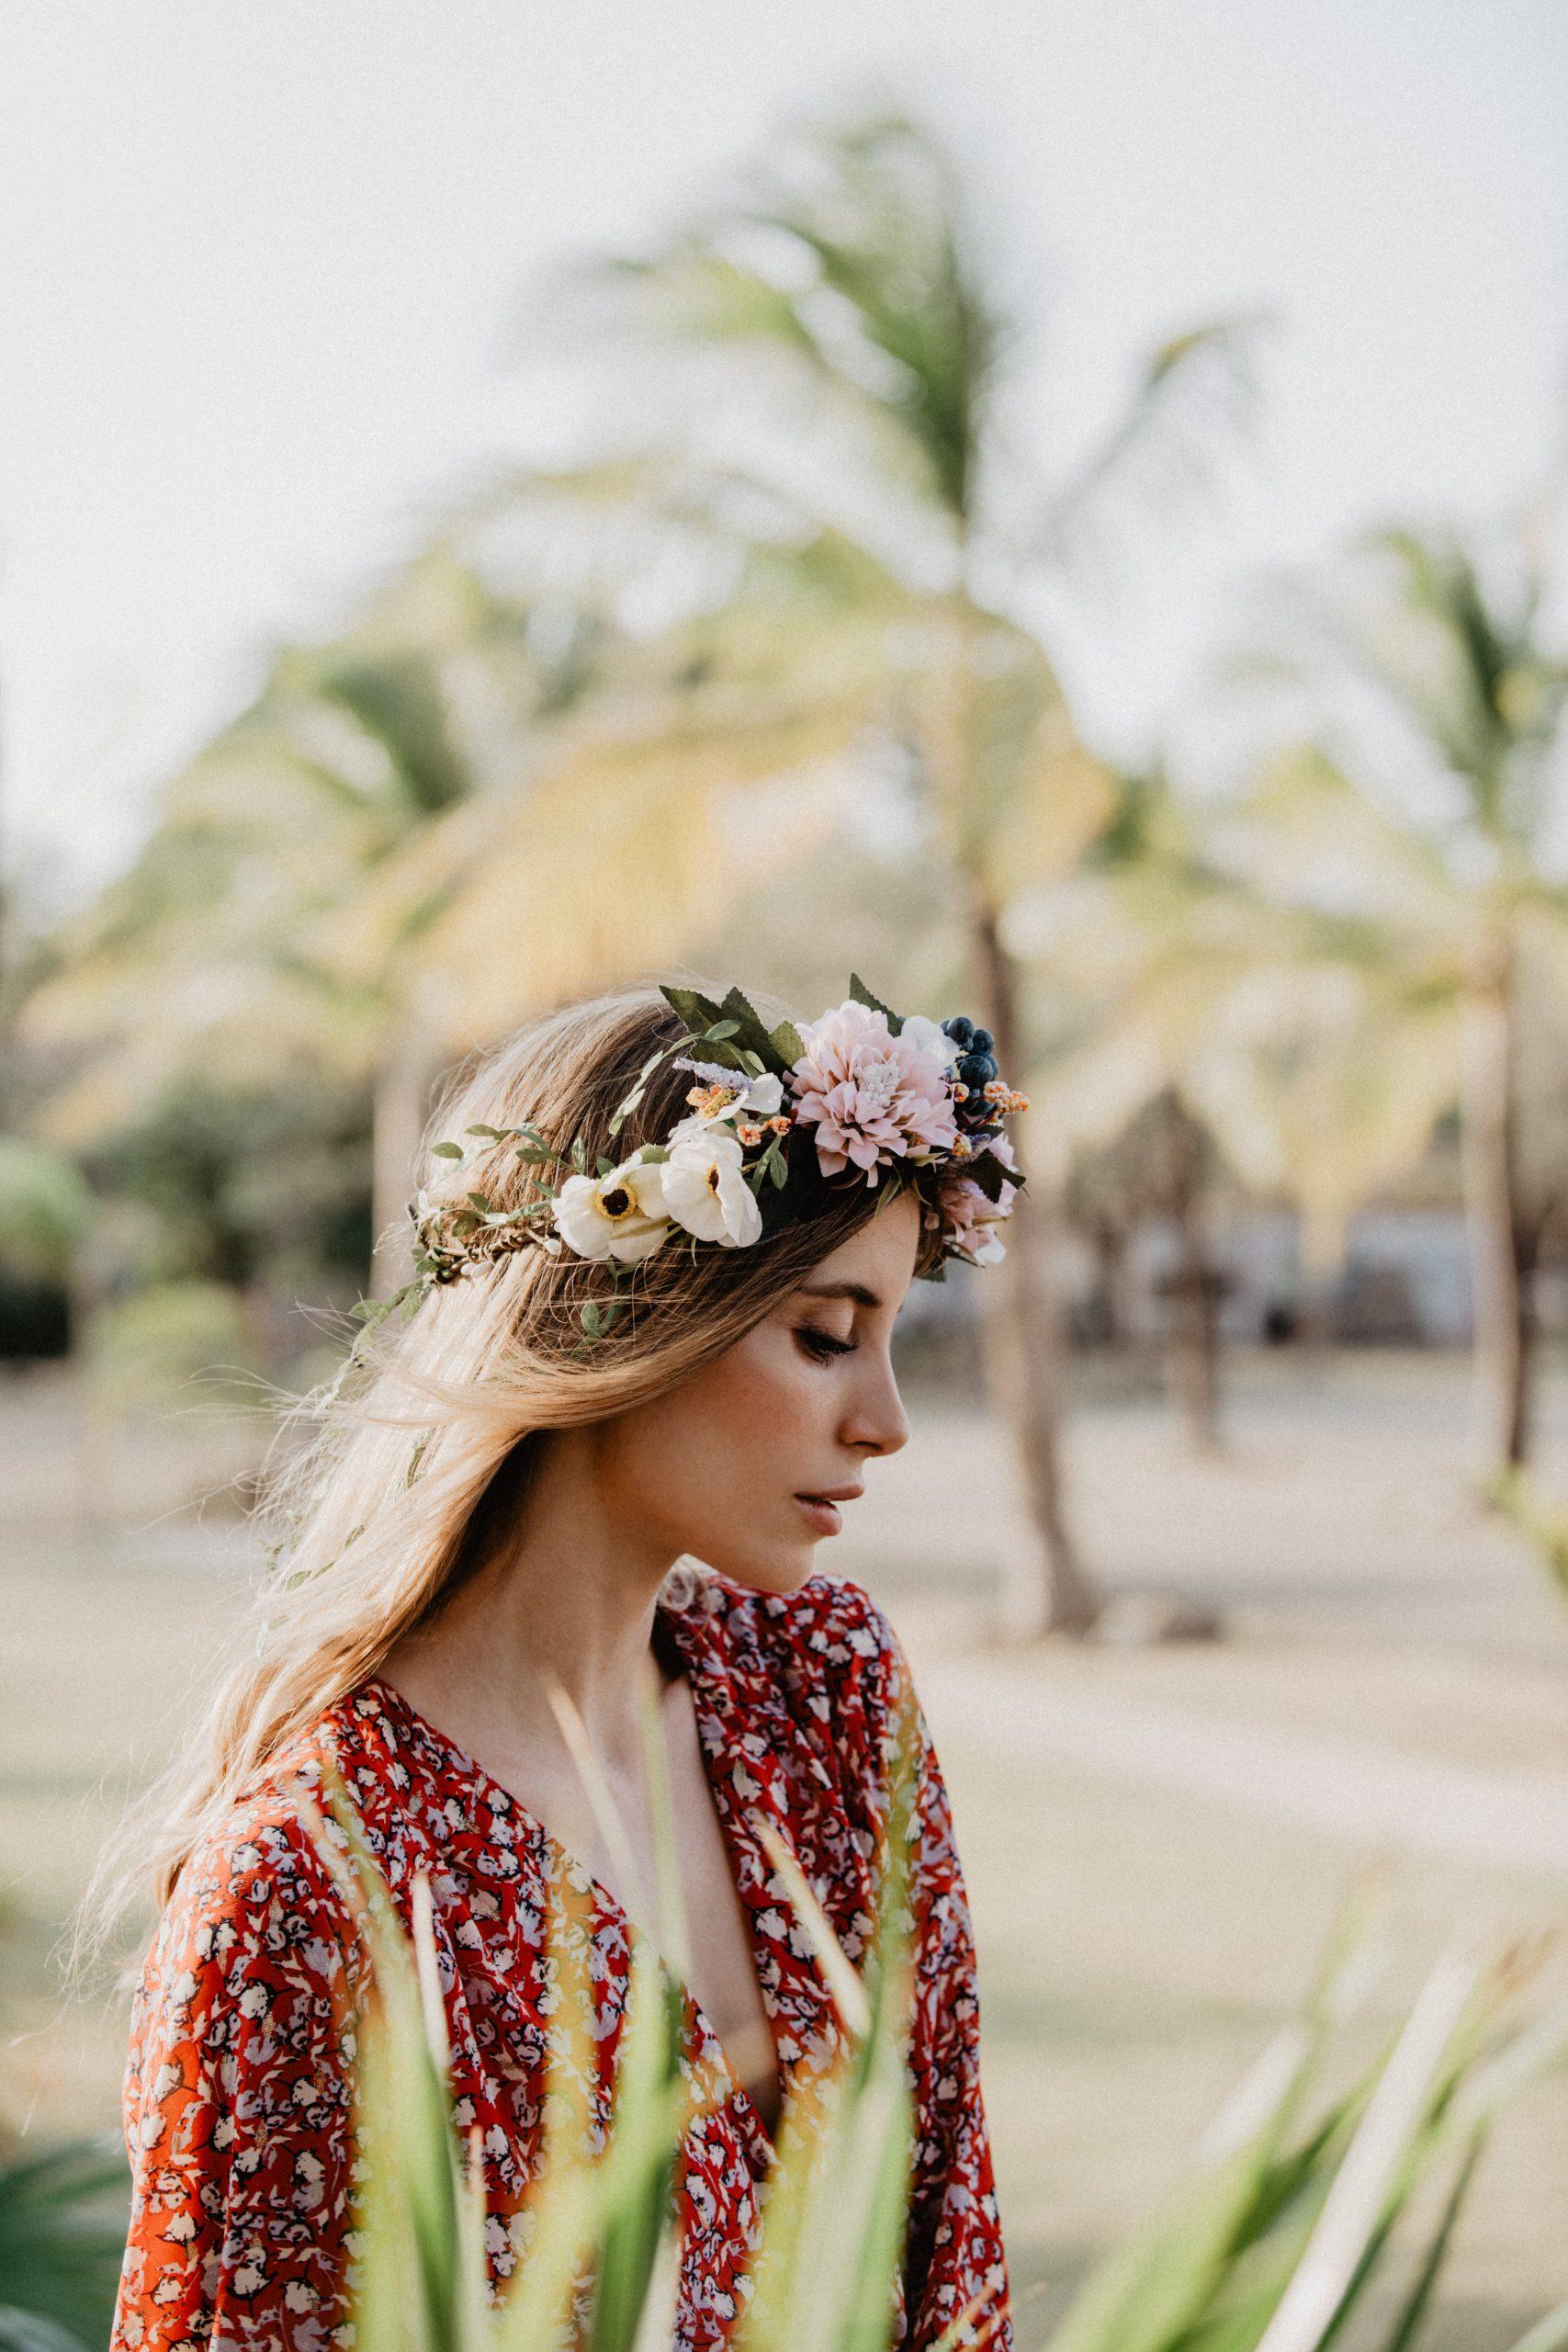 Eine junge Frau mit Blumenkranz von CELEBRIDE Trisa Accessoires, spaziert am Sand Strand von Panama, mit Palmen im Hintergrund.